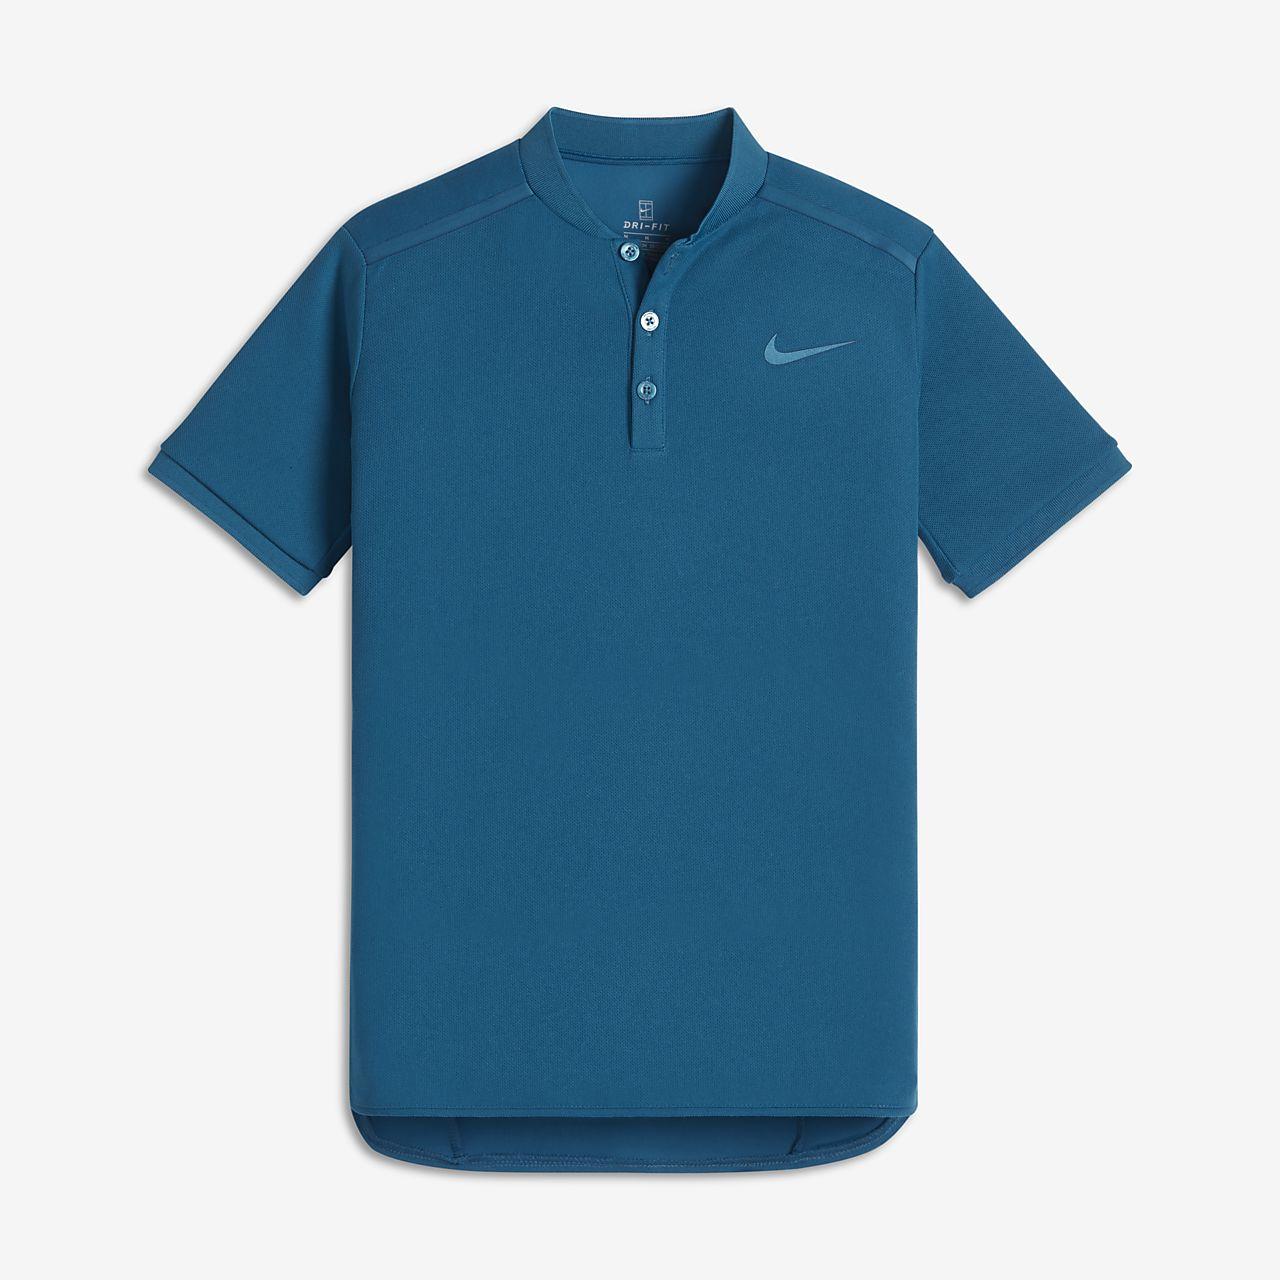 NikeCourt teniszpóló nagyobb gyerekeknek (fiúk)